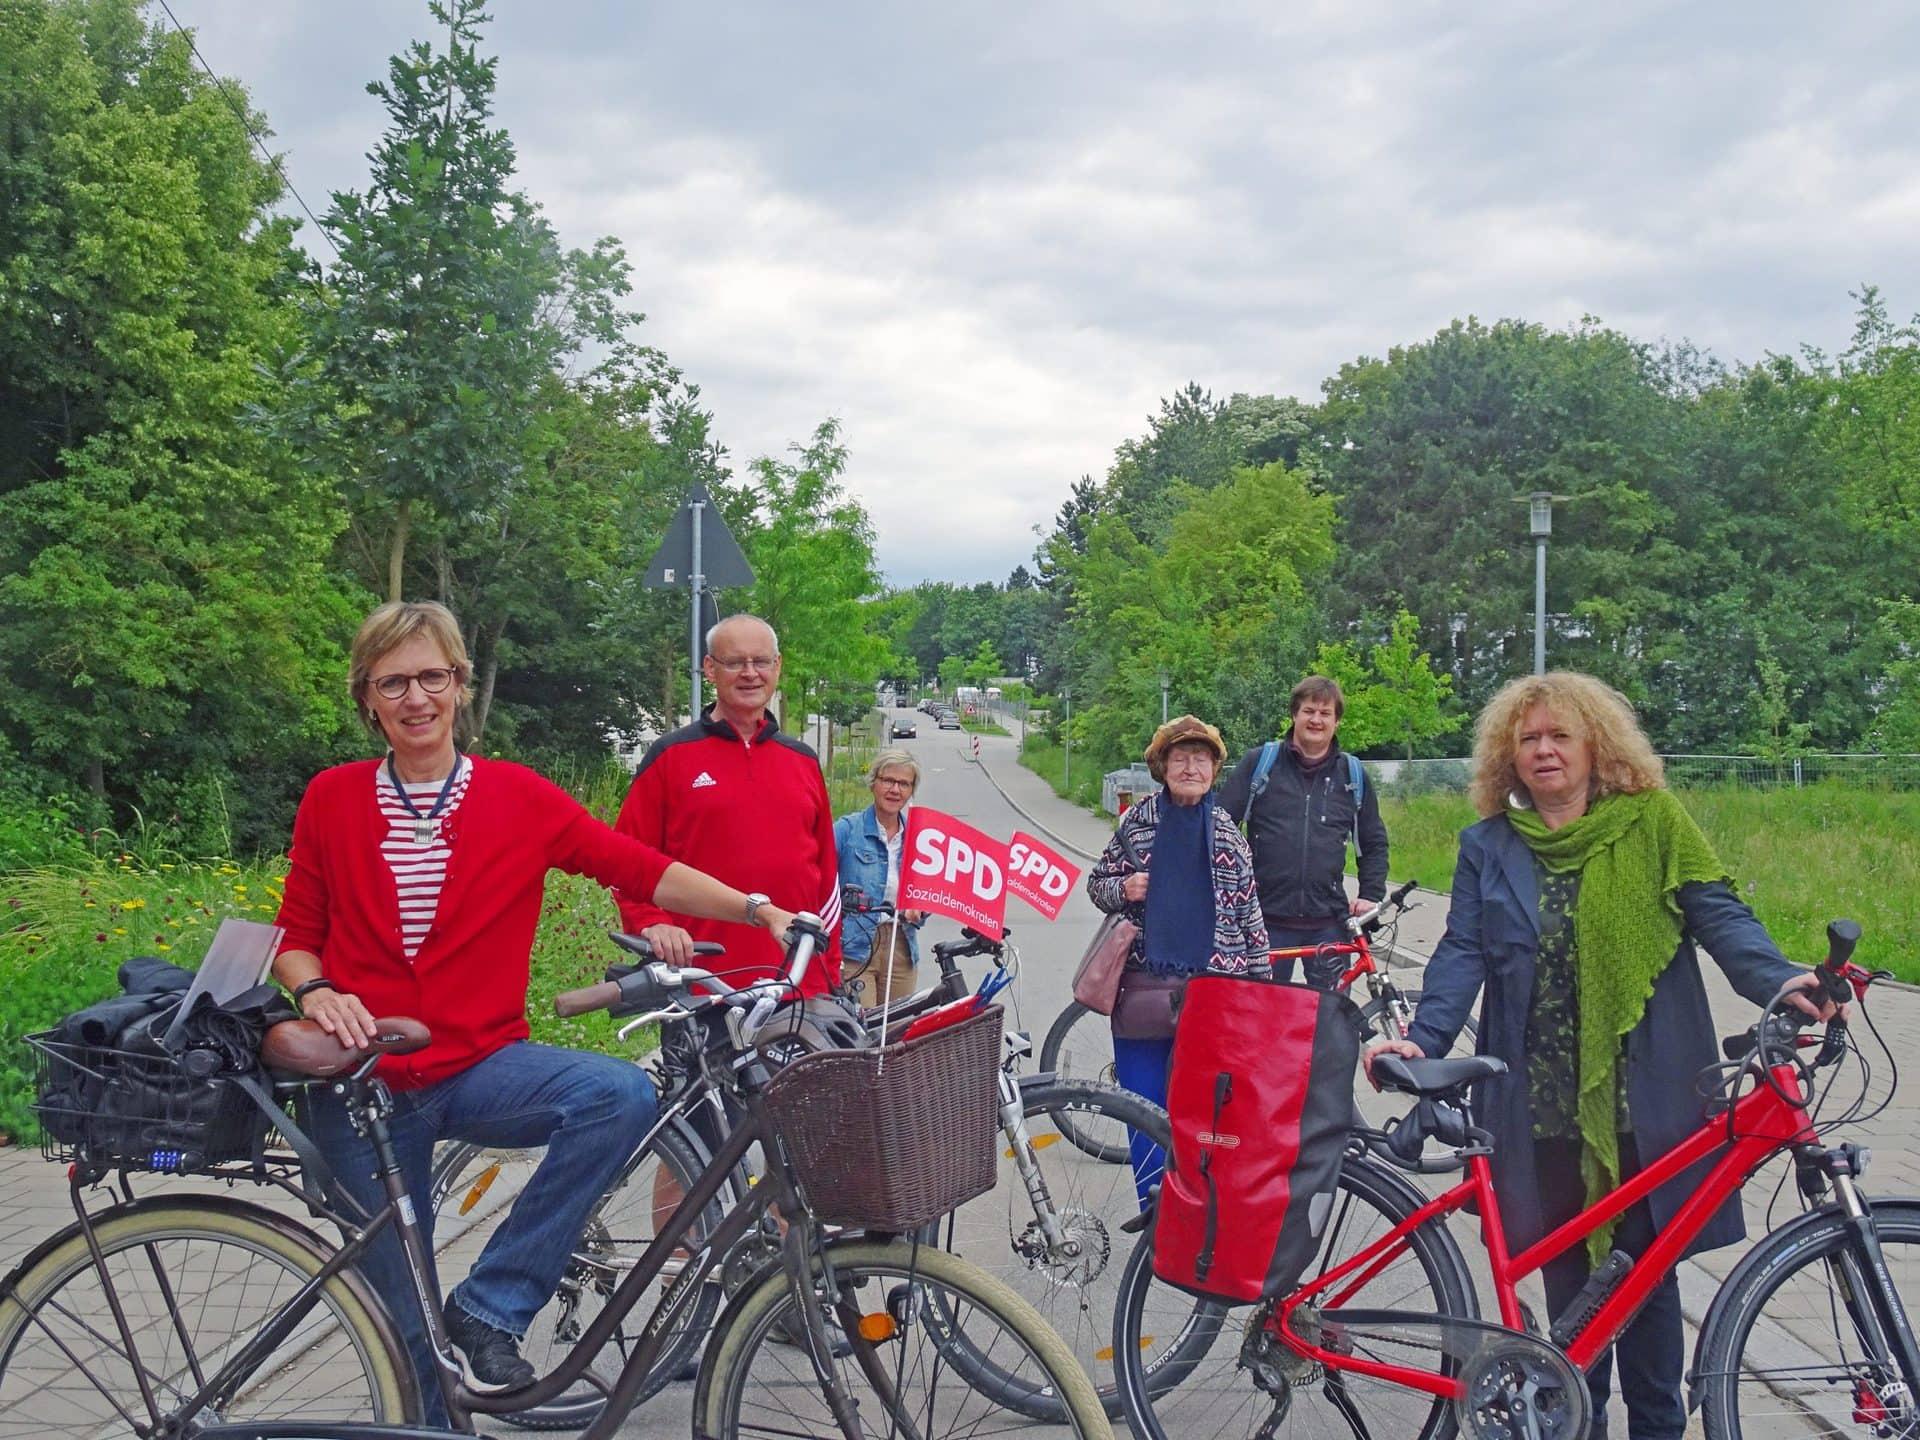 SPD Ortsverein setzt sich für Verbesserungen bei Radwegen ein Es bewegt sich was vor Ort – Verbesserungen für Verkehrssicherheit und Radverkehr